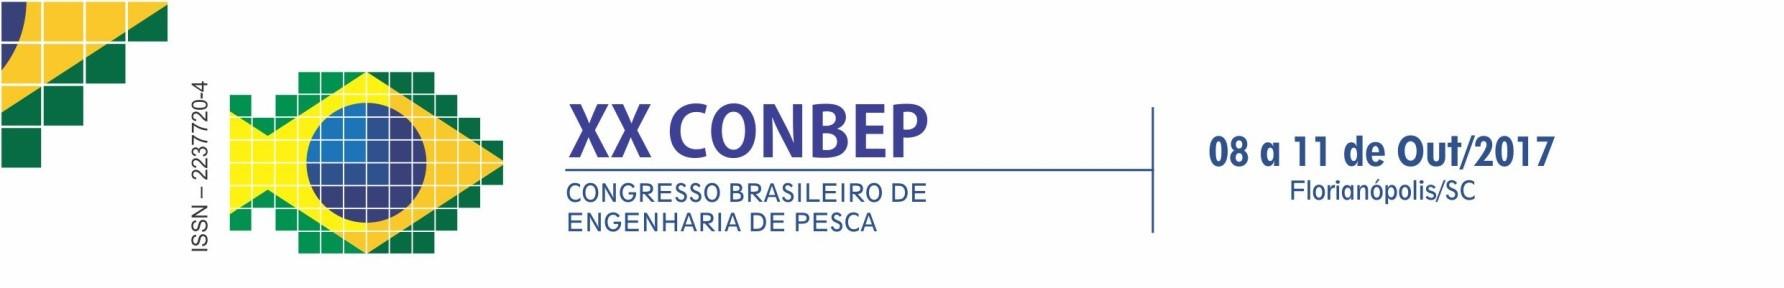 Logo Congresso Conbep 2017